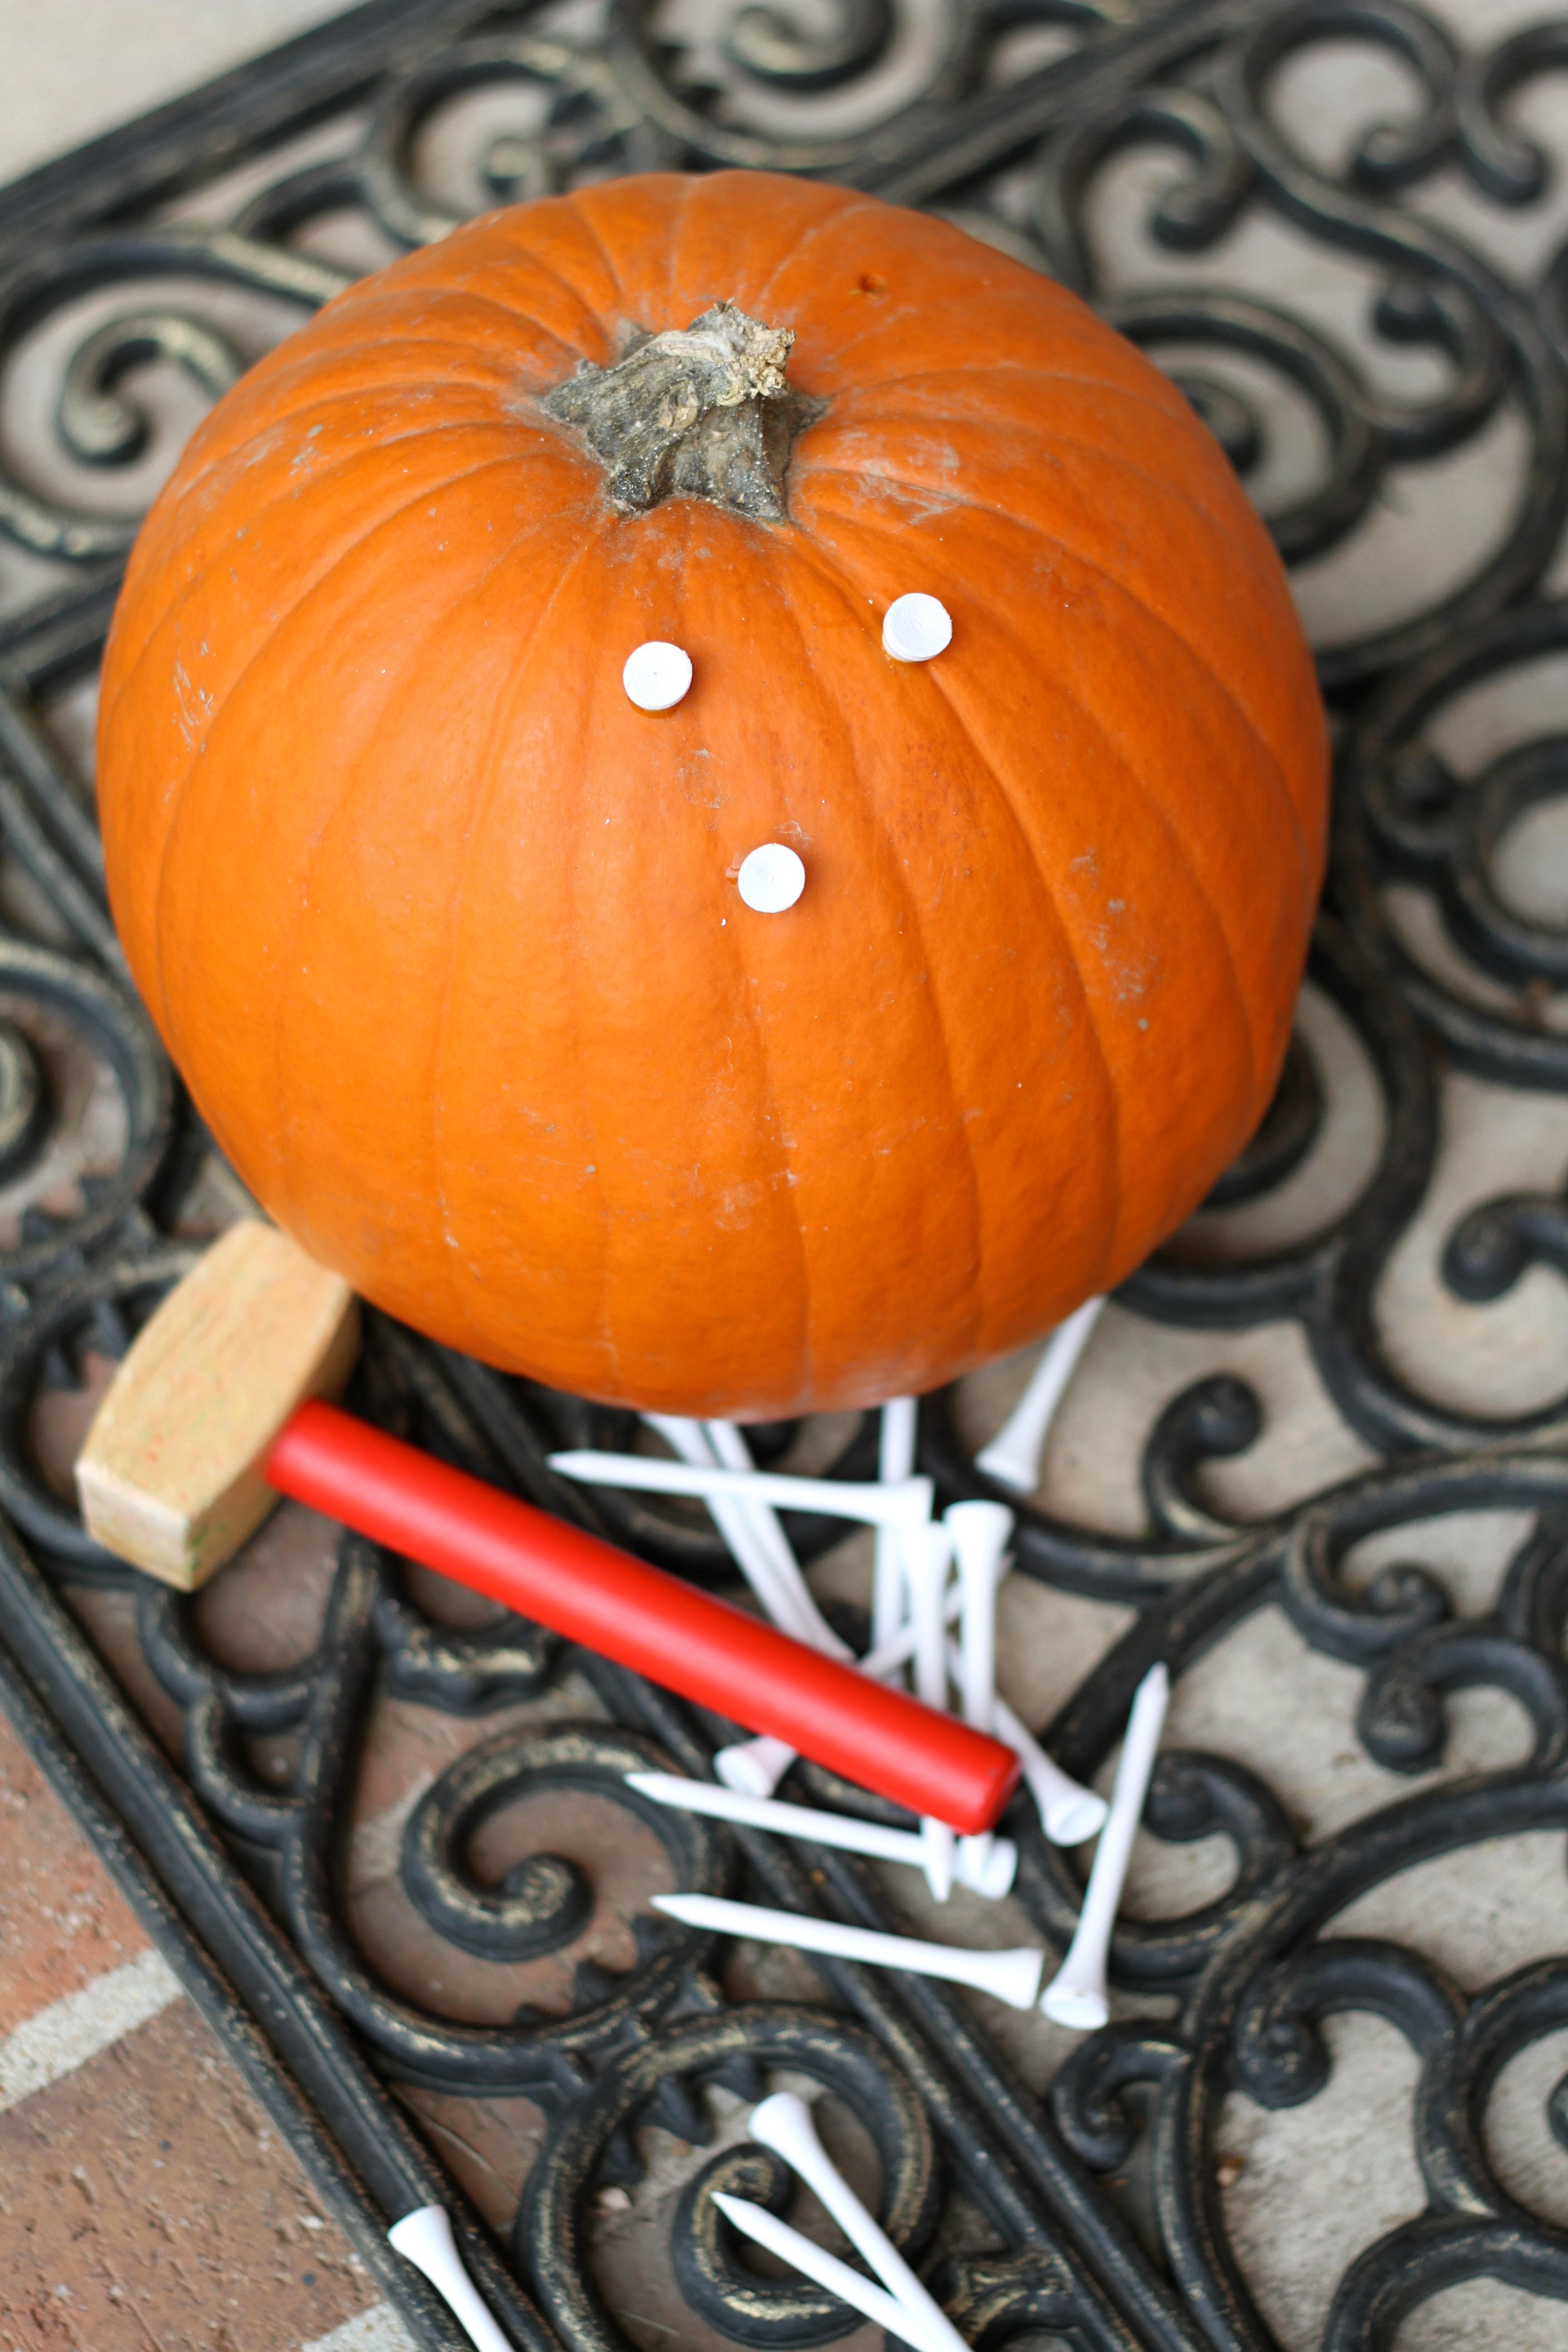 Uncategorized Pumpkin Golf golf tees into a pumpkin pounding pumpkin